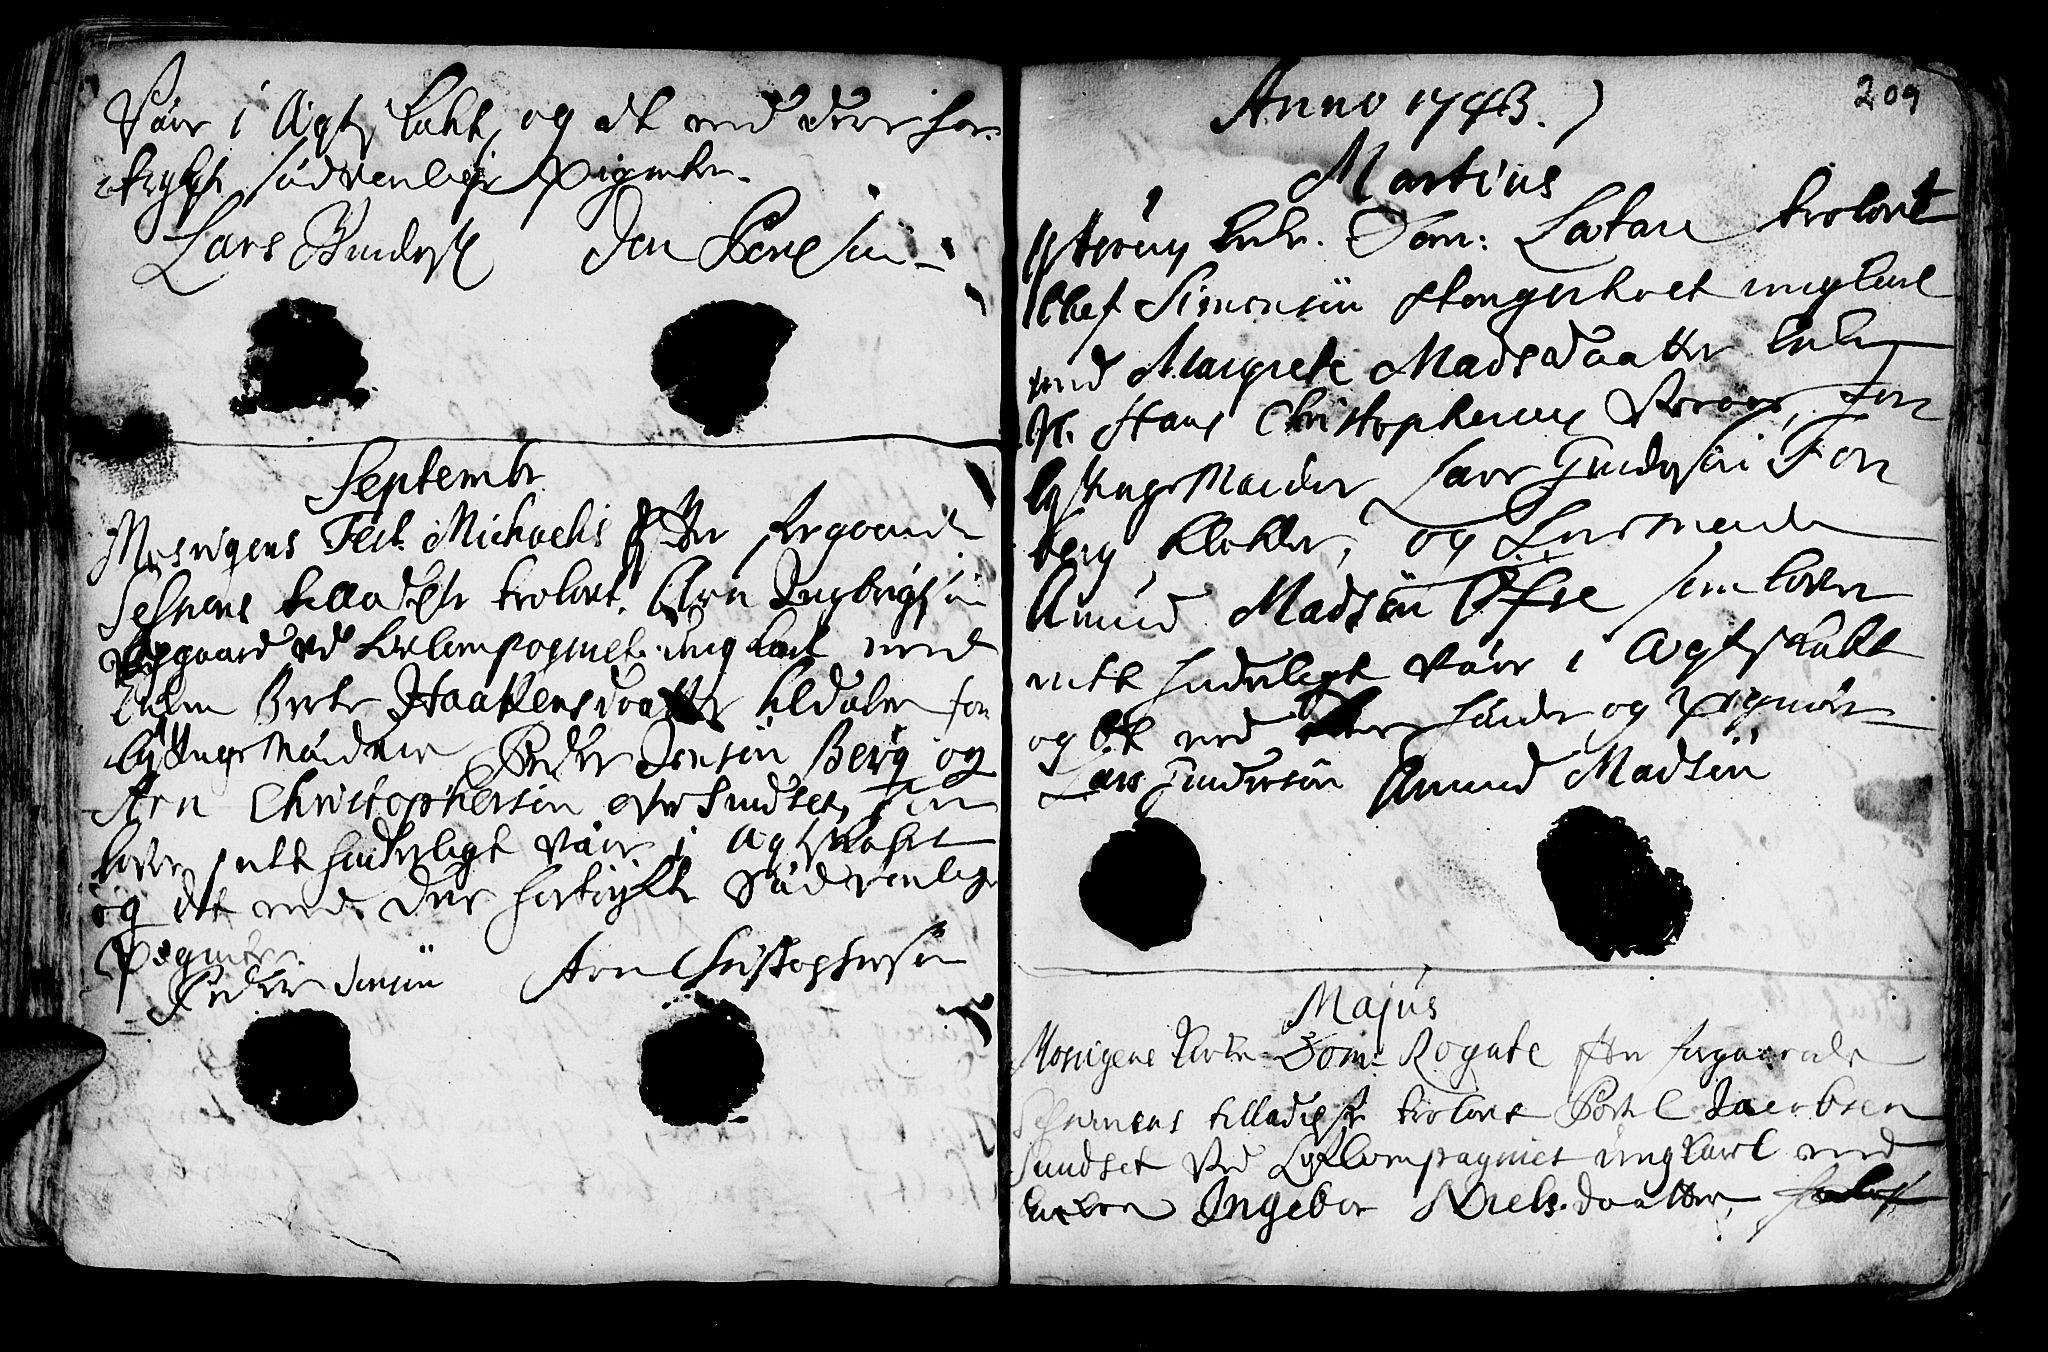 SAT, Ministerialprotokoller, klokkerbøker og fødselsregistre - Nord-Trøndelag, 722/L0215: Ministerialbok nr. 722A02, 1718-1755, s. 209